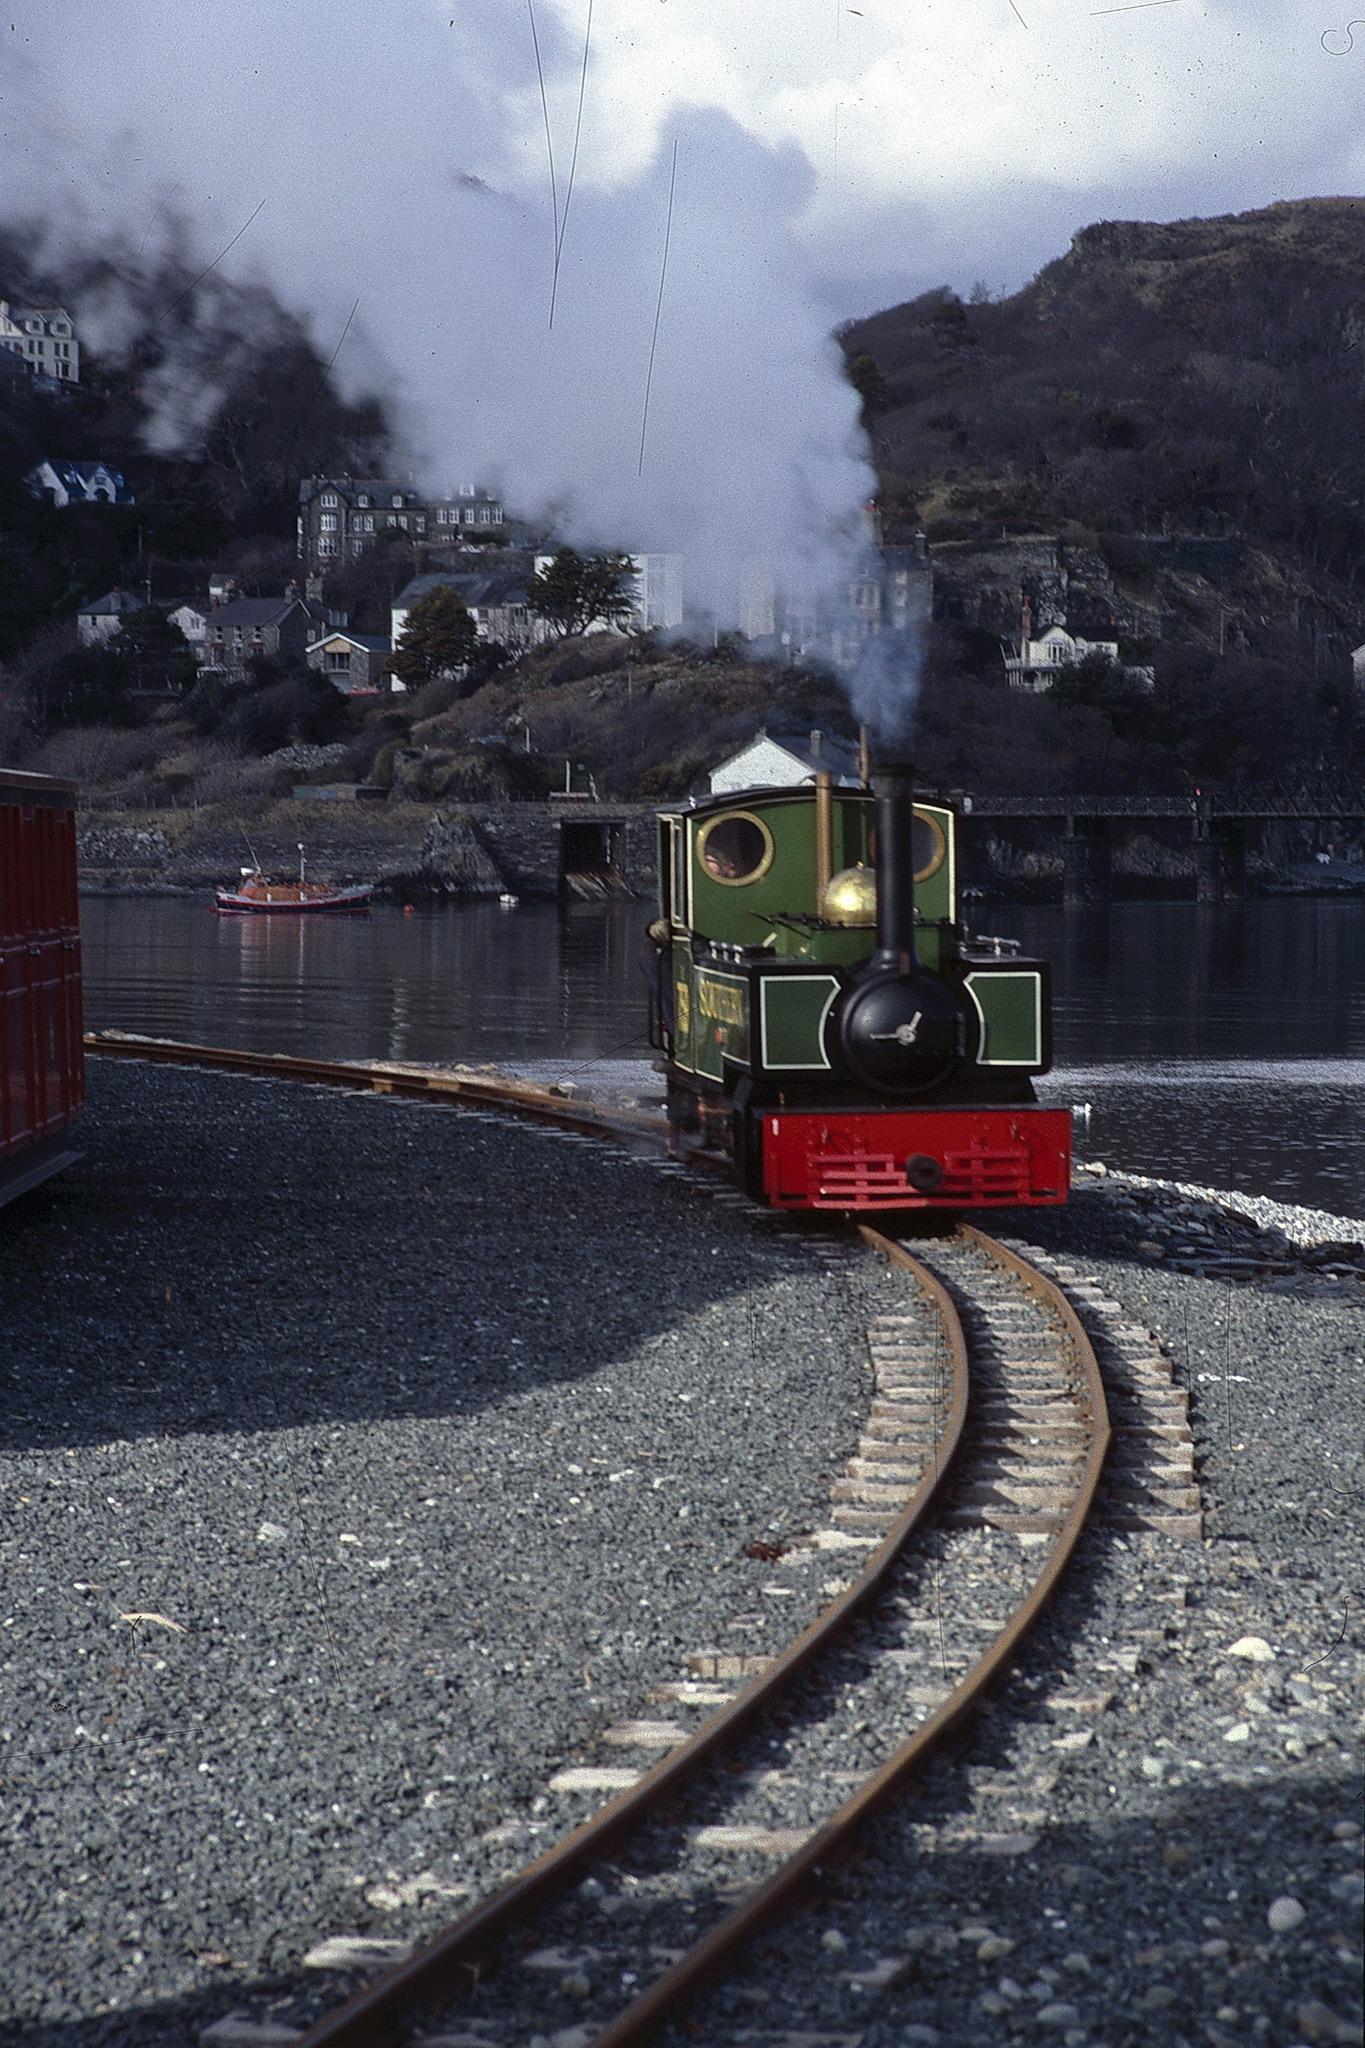 Fairbourne Railway Yeo